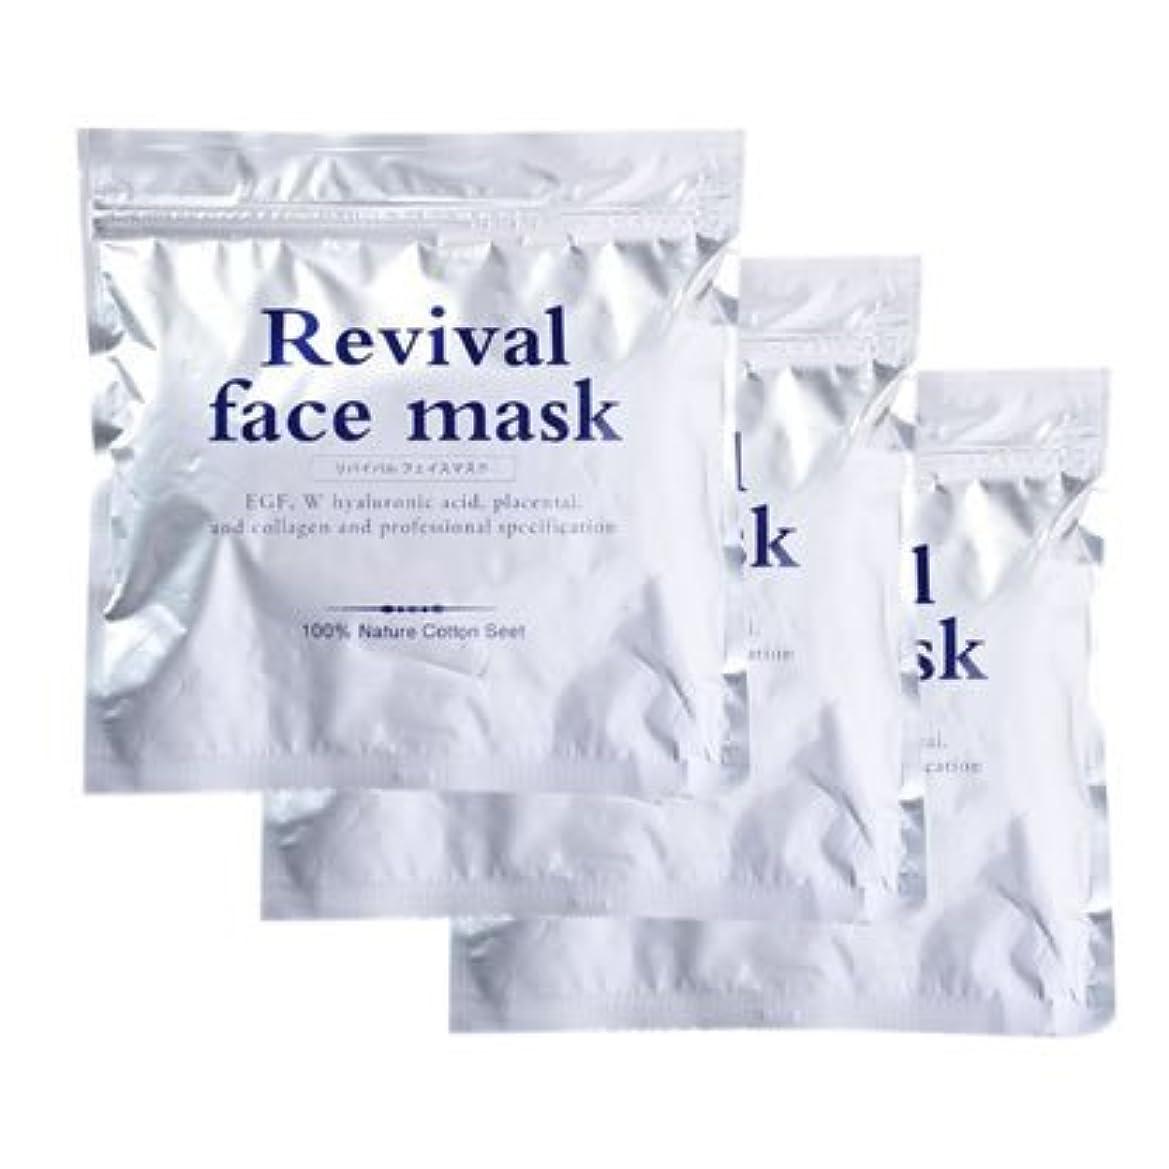 侵入ファイルフレアリバイバルフェイスマスク 90枚セット(30枚×3袋)